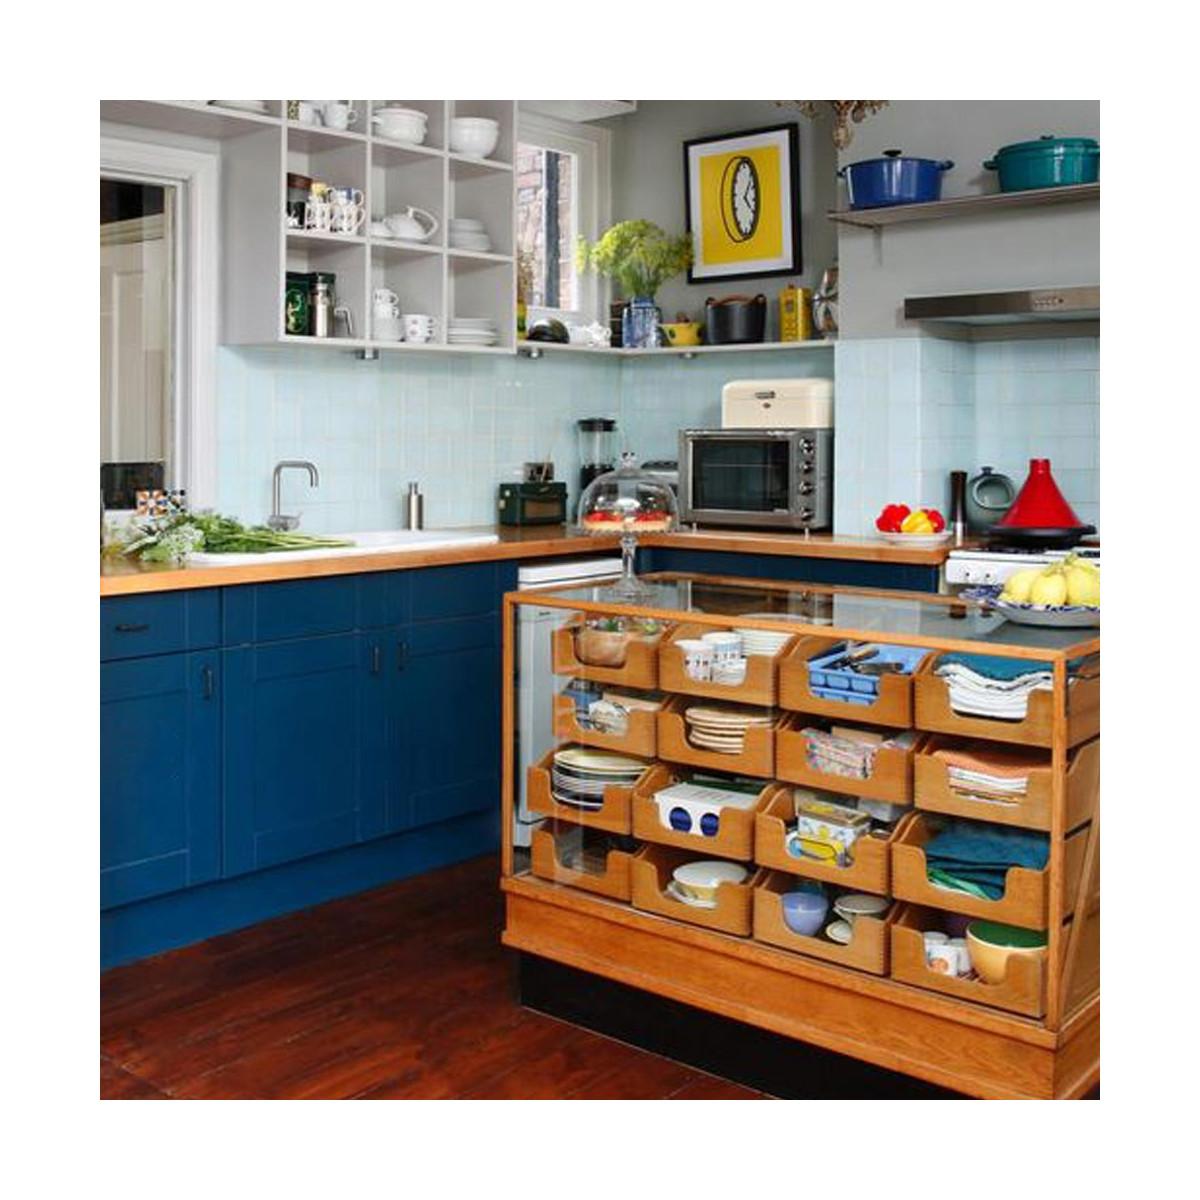 rénovation plan de travail cuisine béton ciré